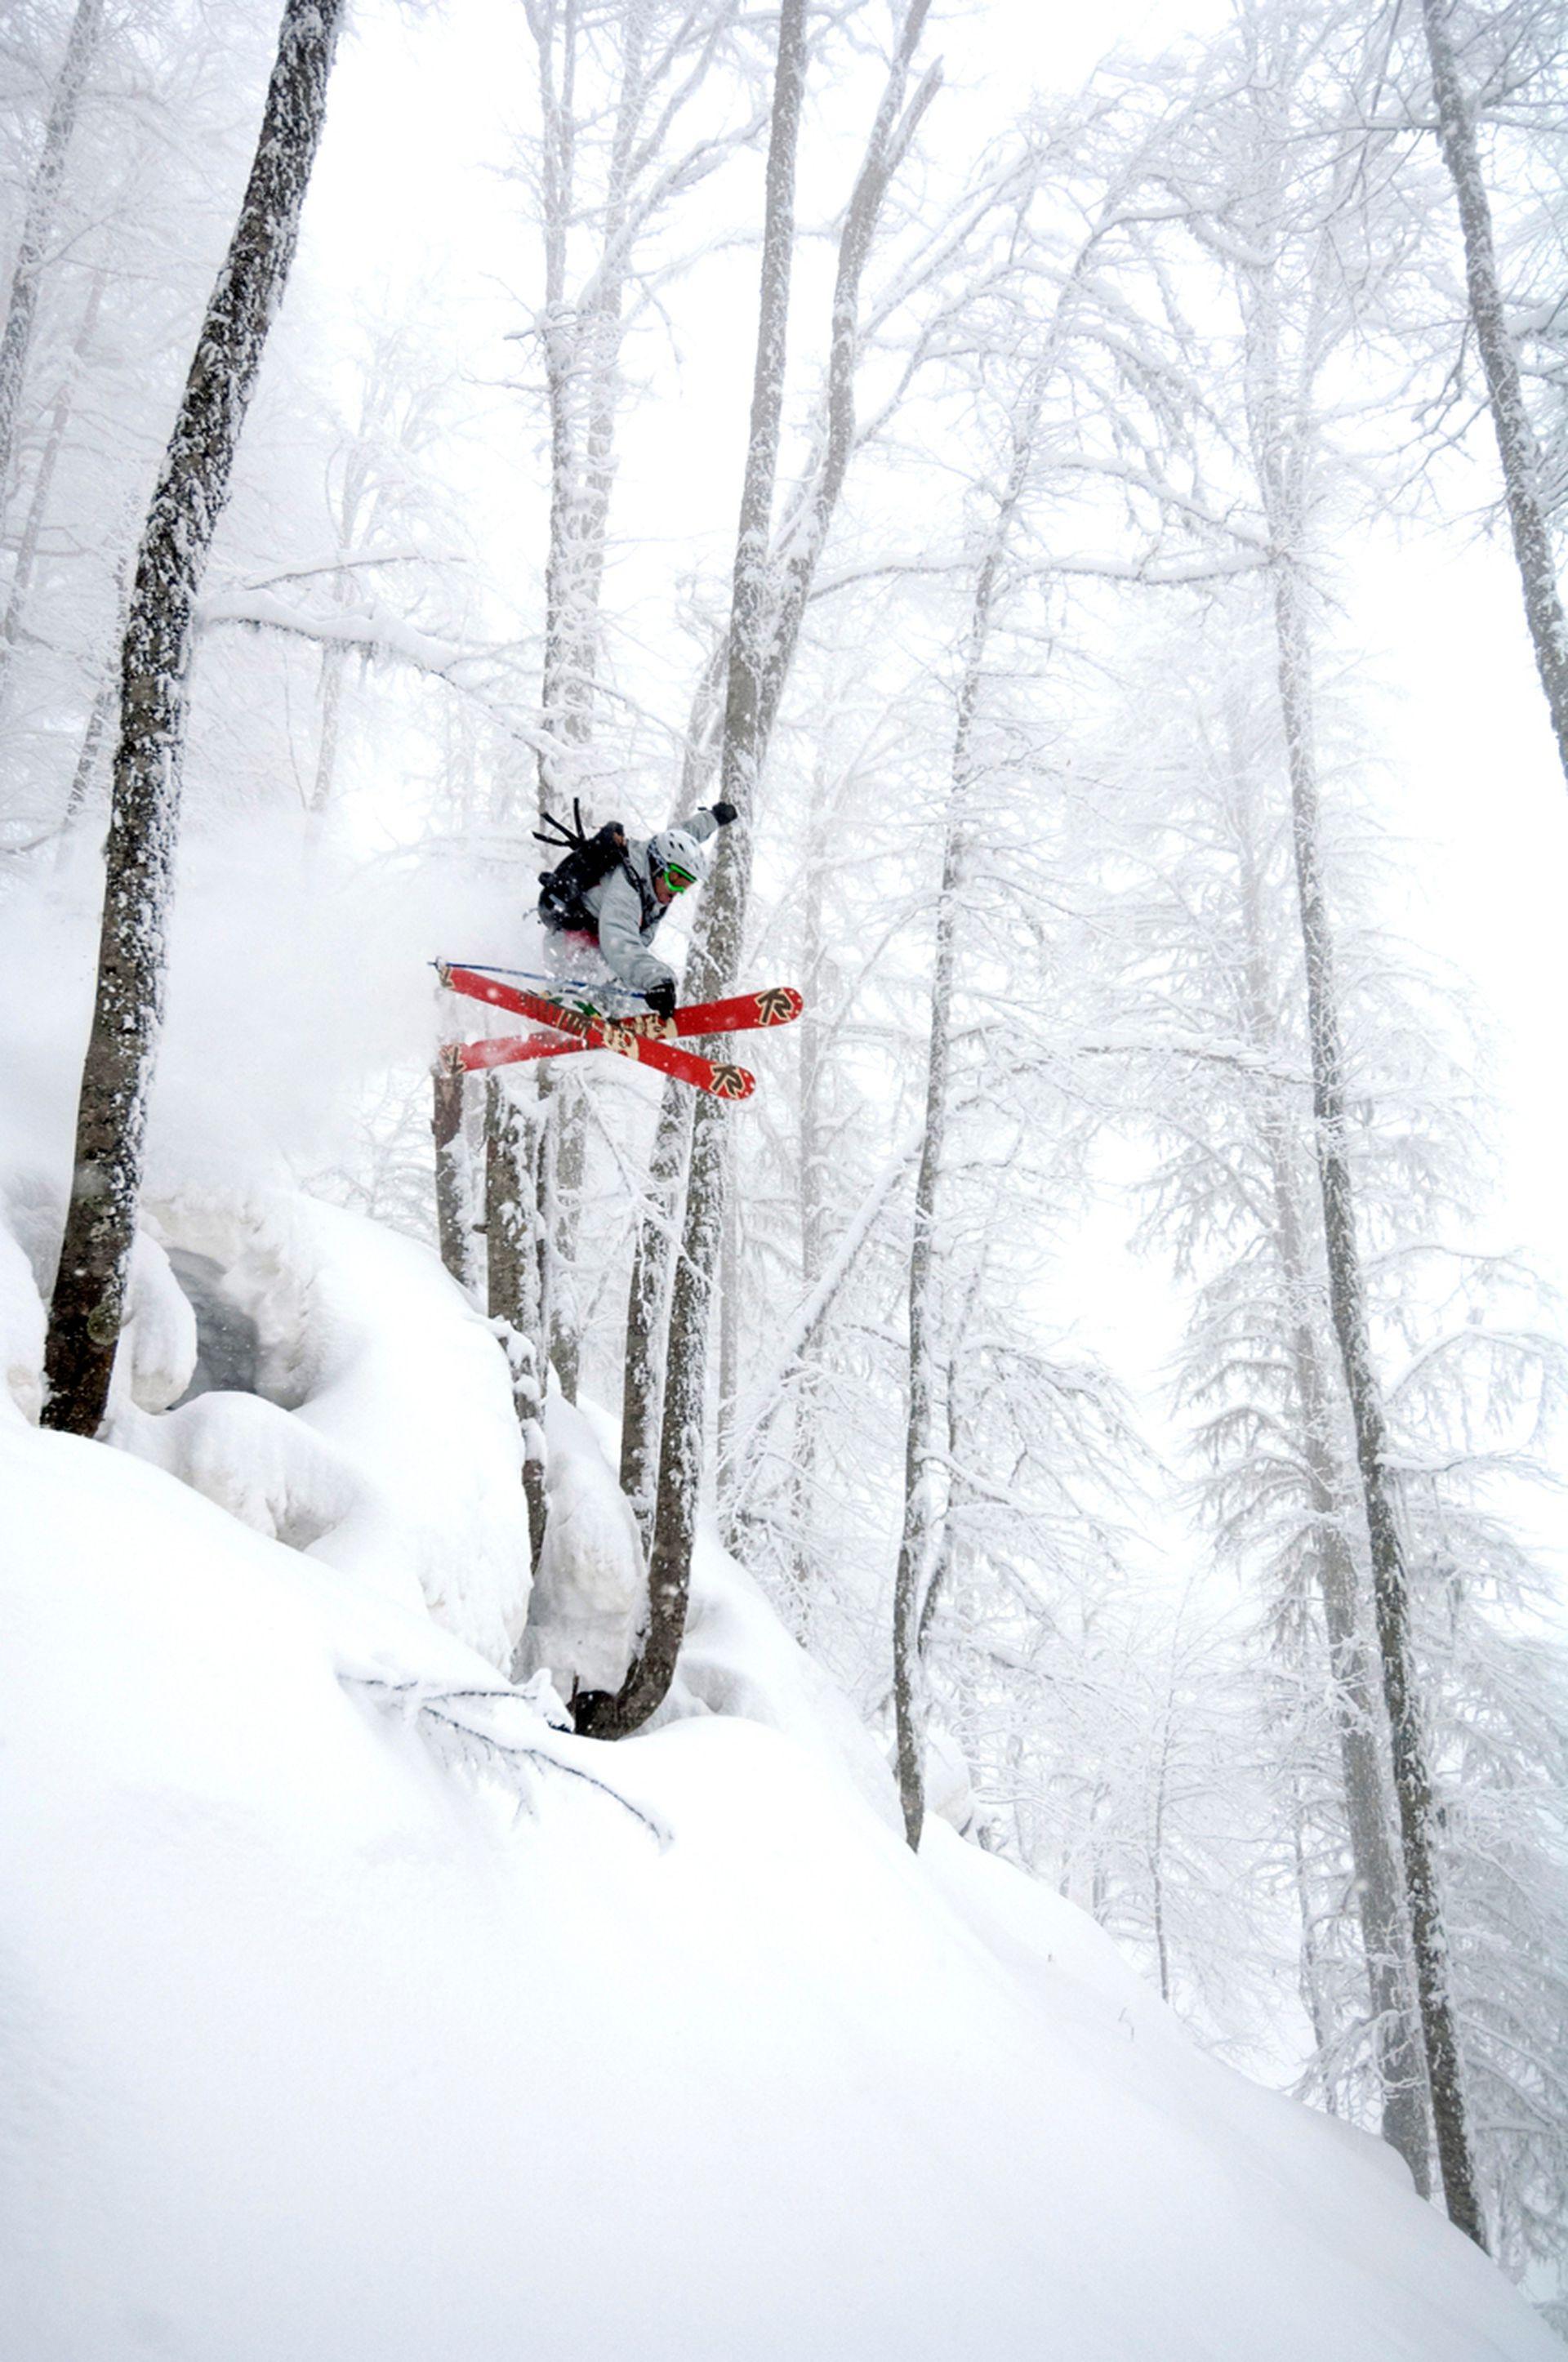 Sochi es sinónimo de deportes de invierno, pero en verano se convierte en un destino de playa